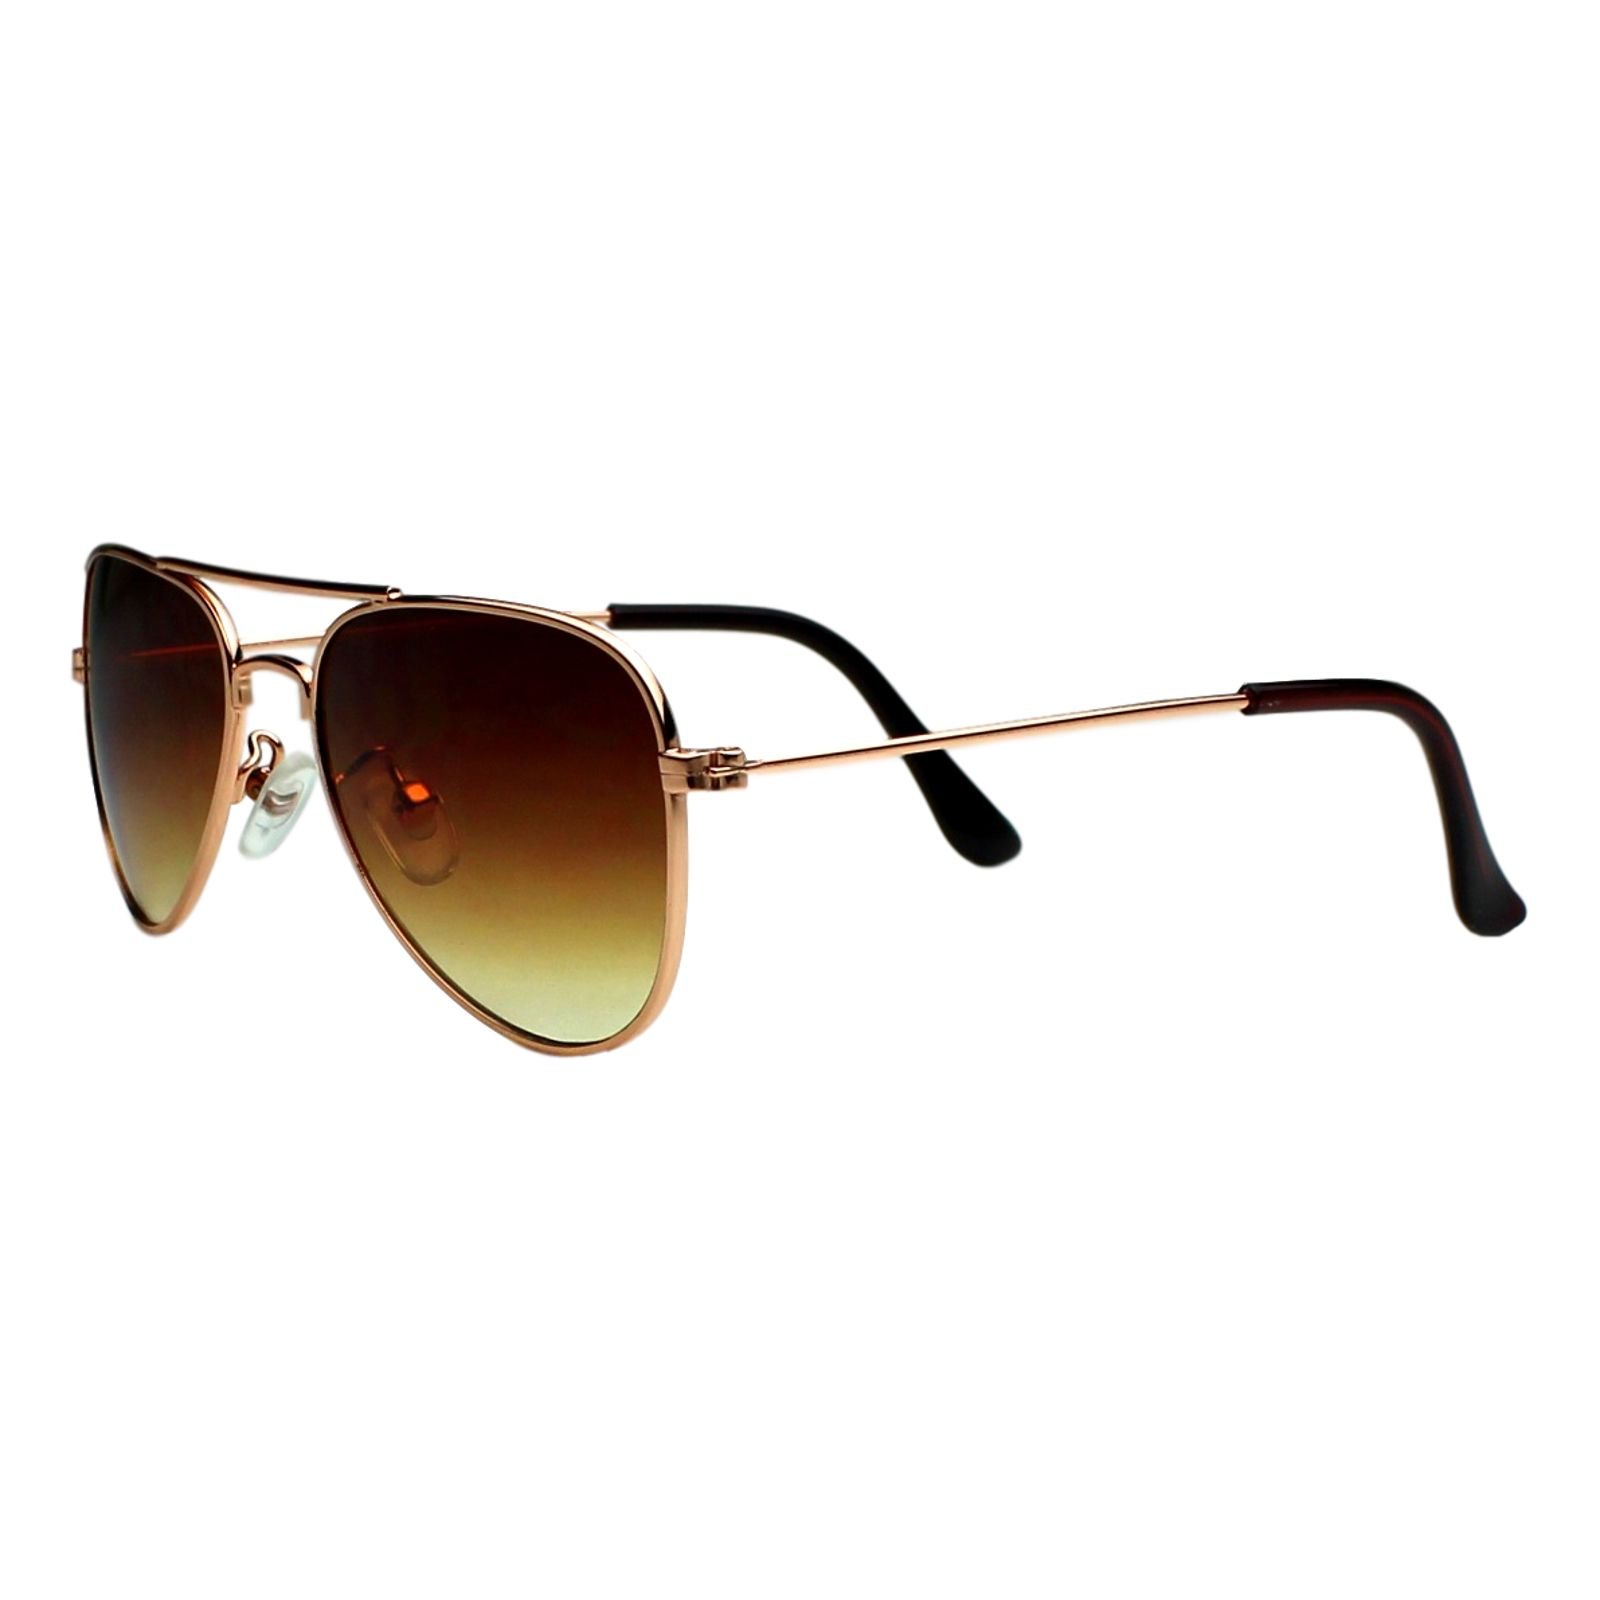 Óculos de Sol Díspar ID1902 infantil Aviador idade 3 a 6 anos Dourado